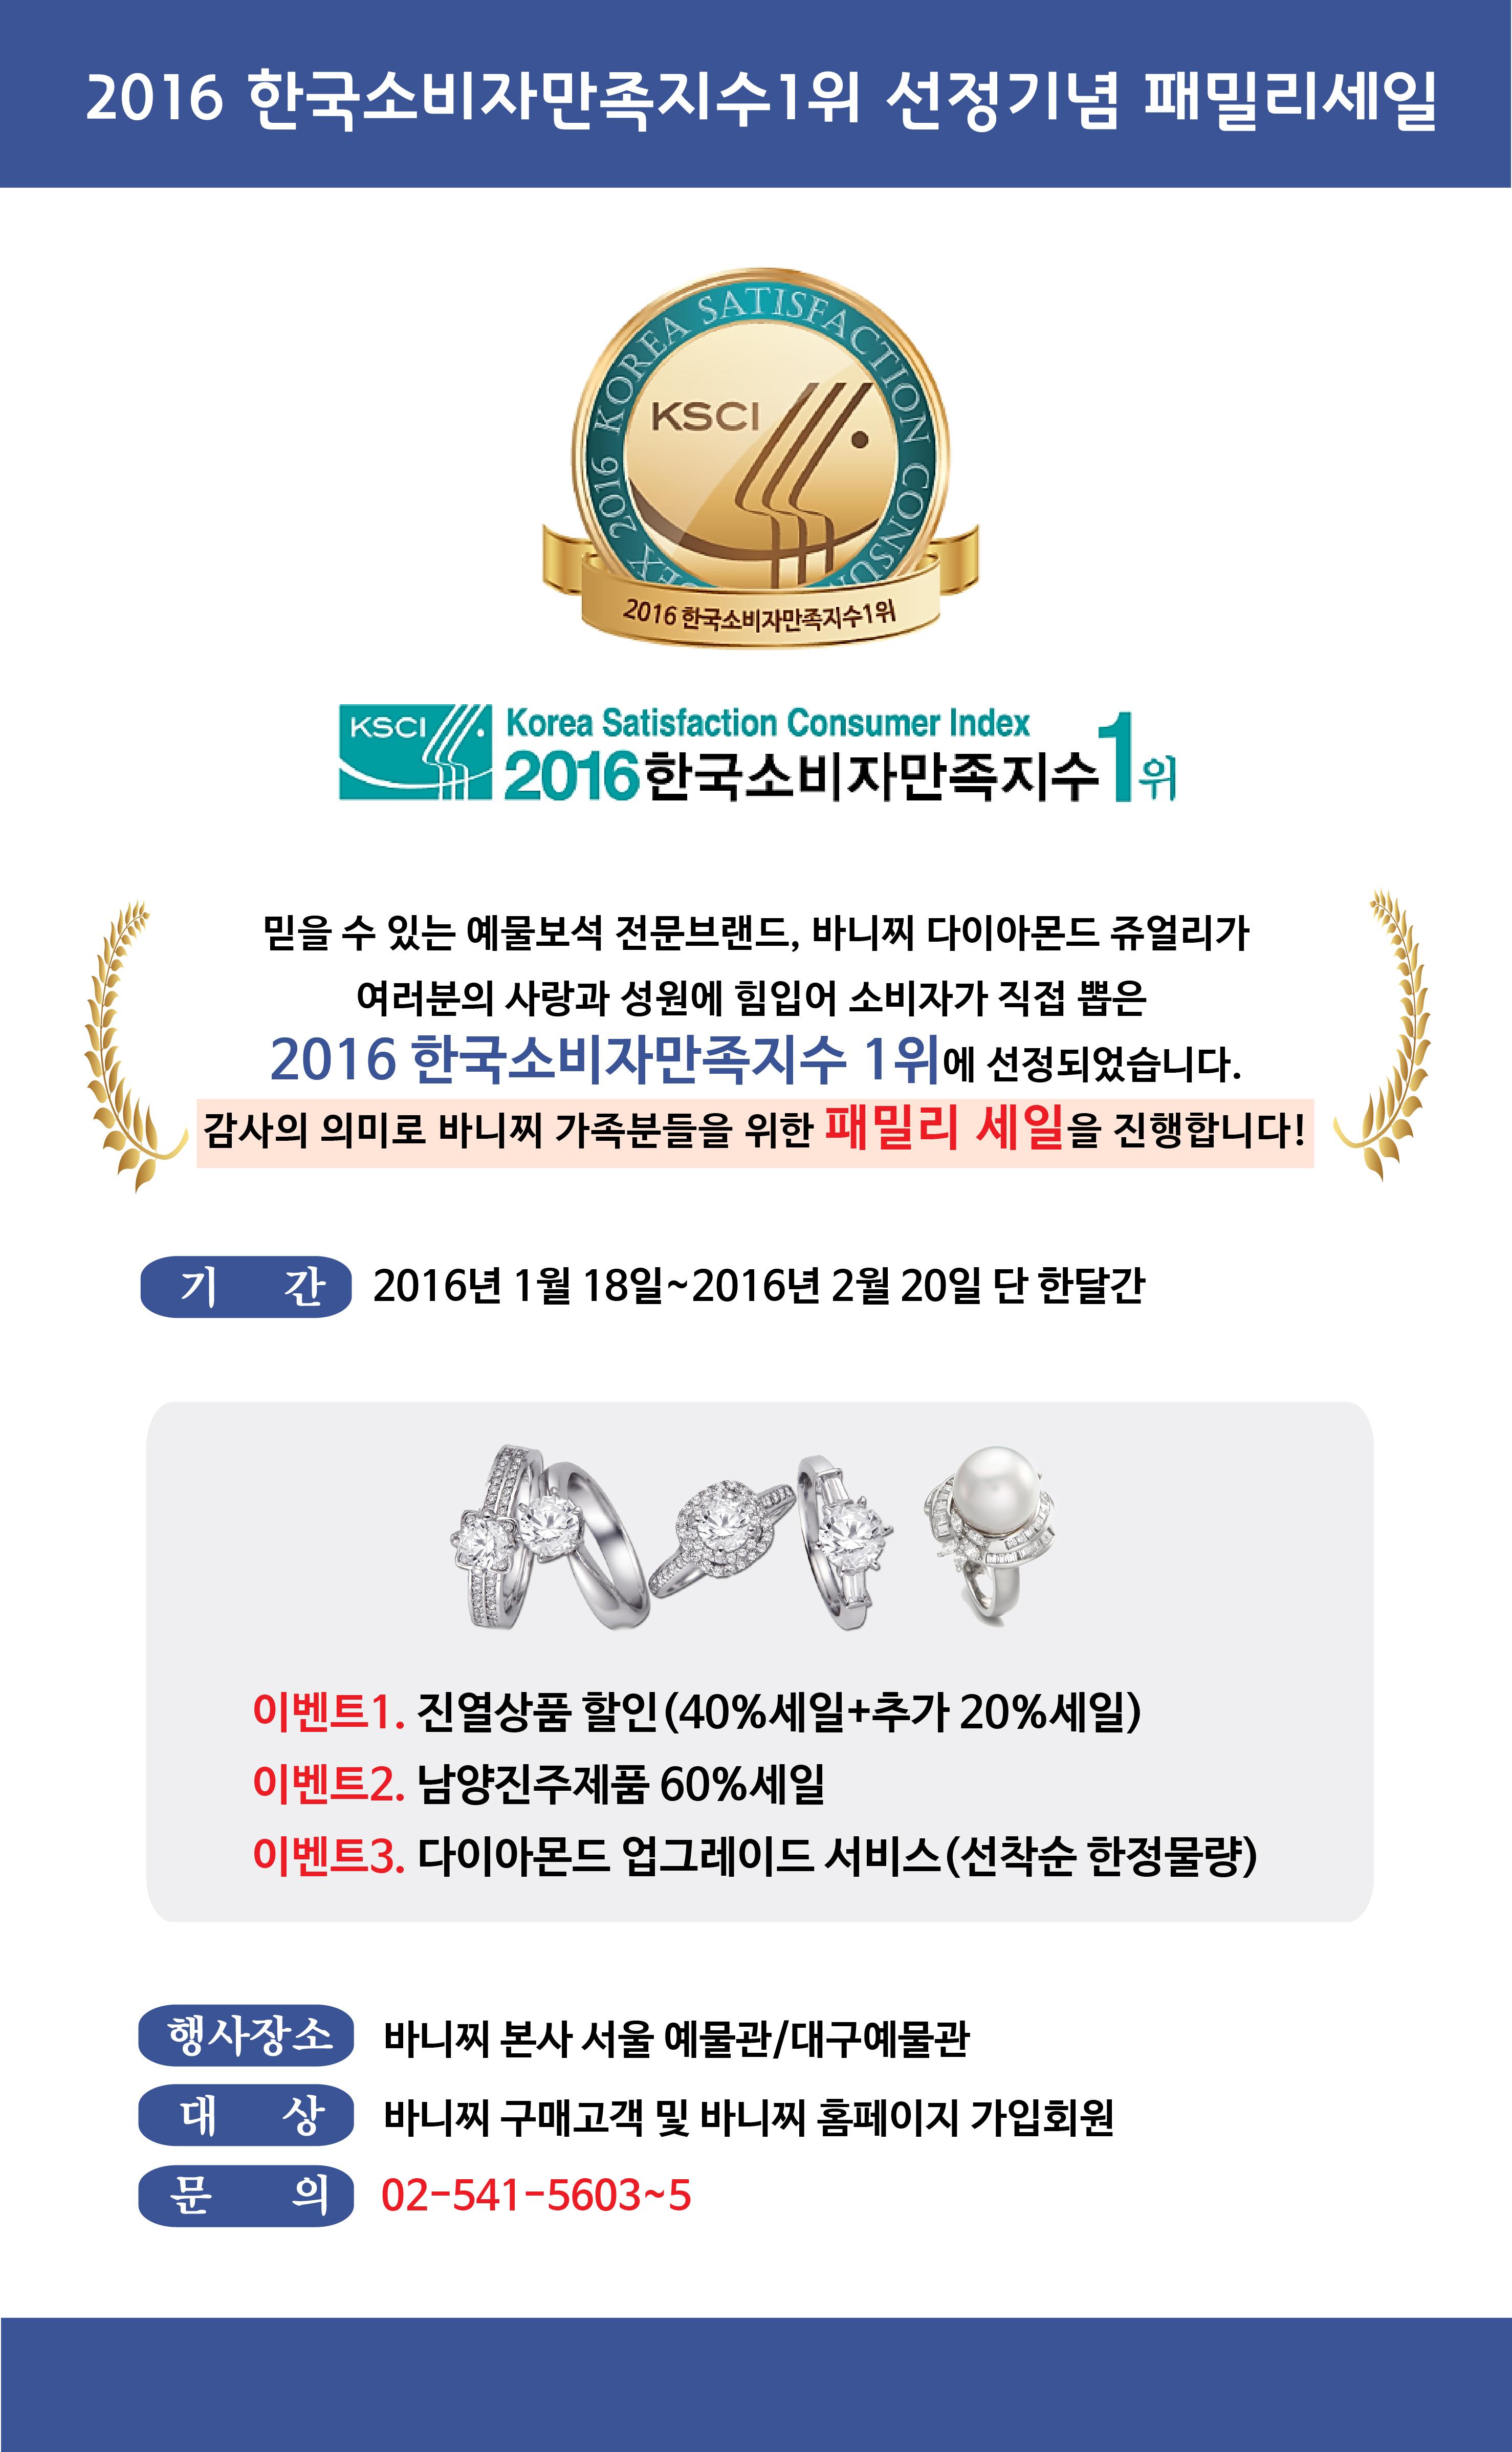 2016 한국소비자만족지수1위 이벤트.jpg